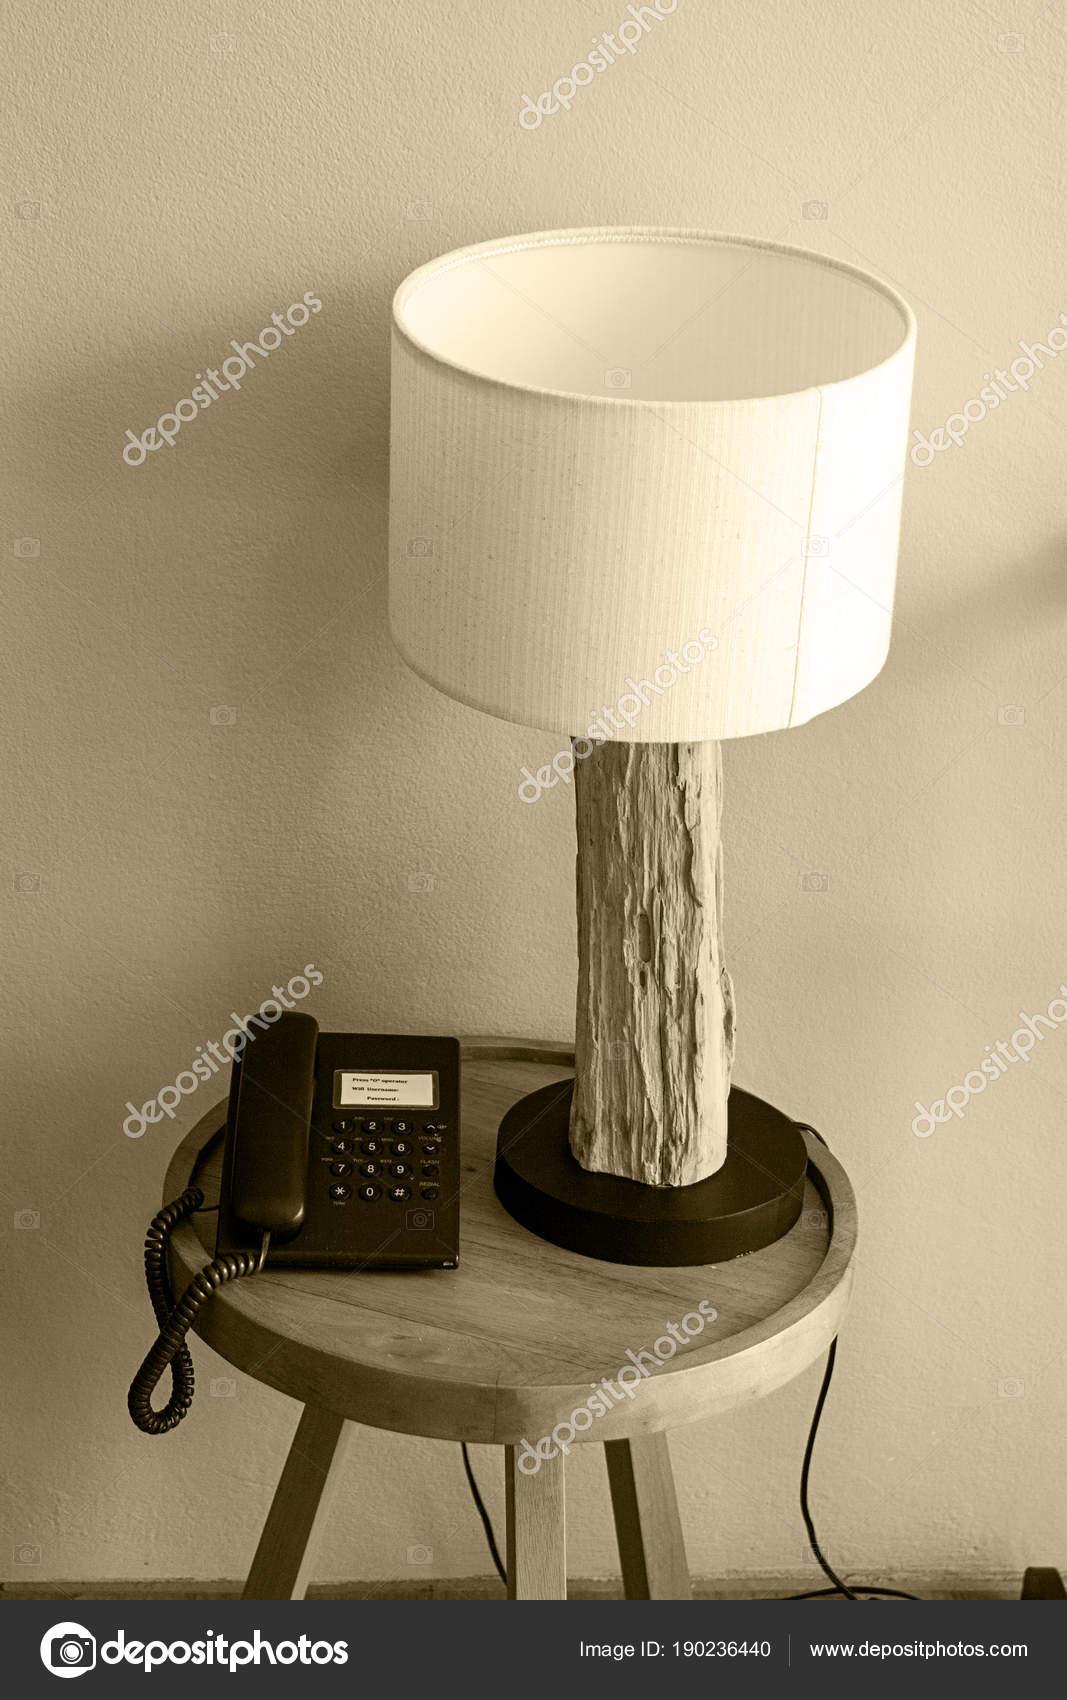 Lampe Intérieur Tronc Bois Téléphone Table Chevet Moderne Retro OZiPkXu